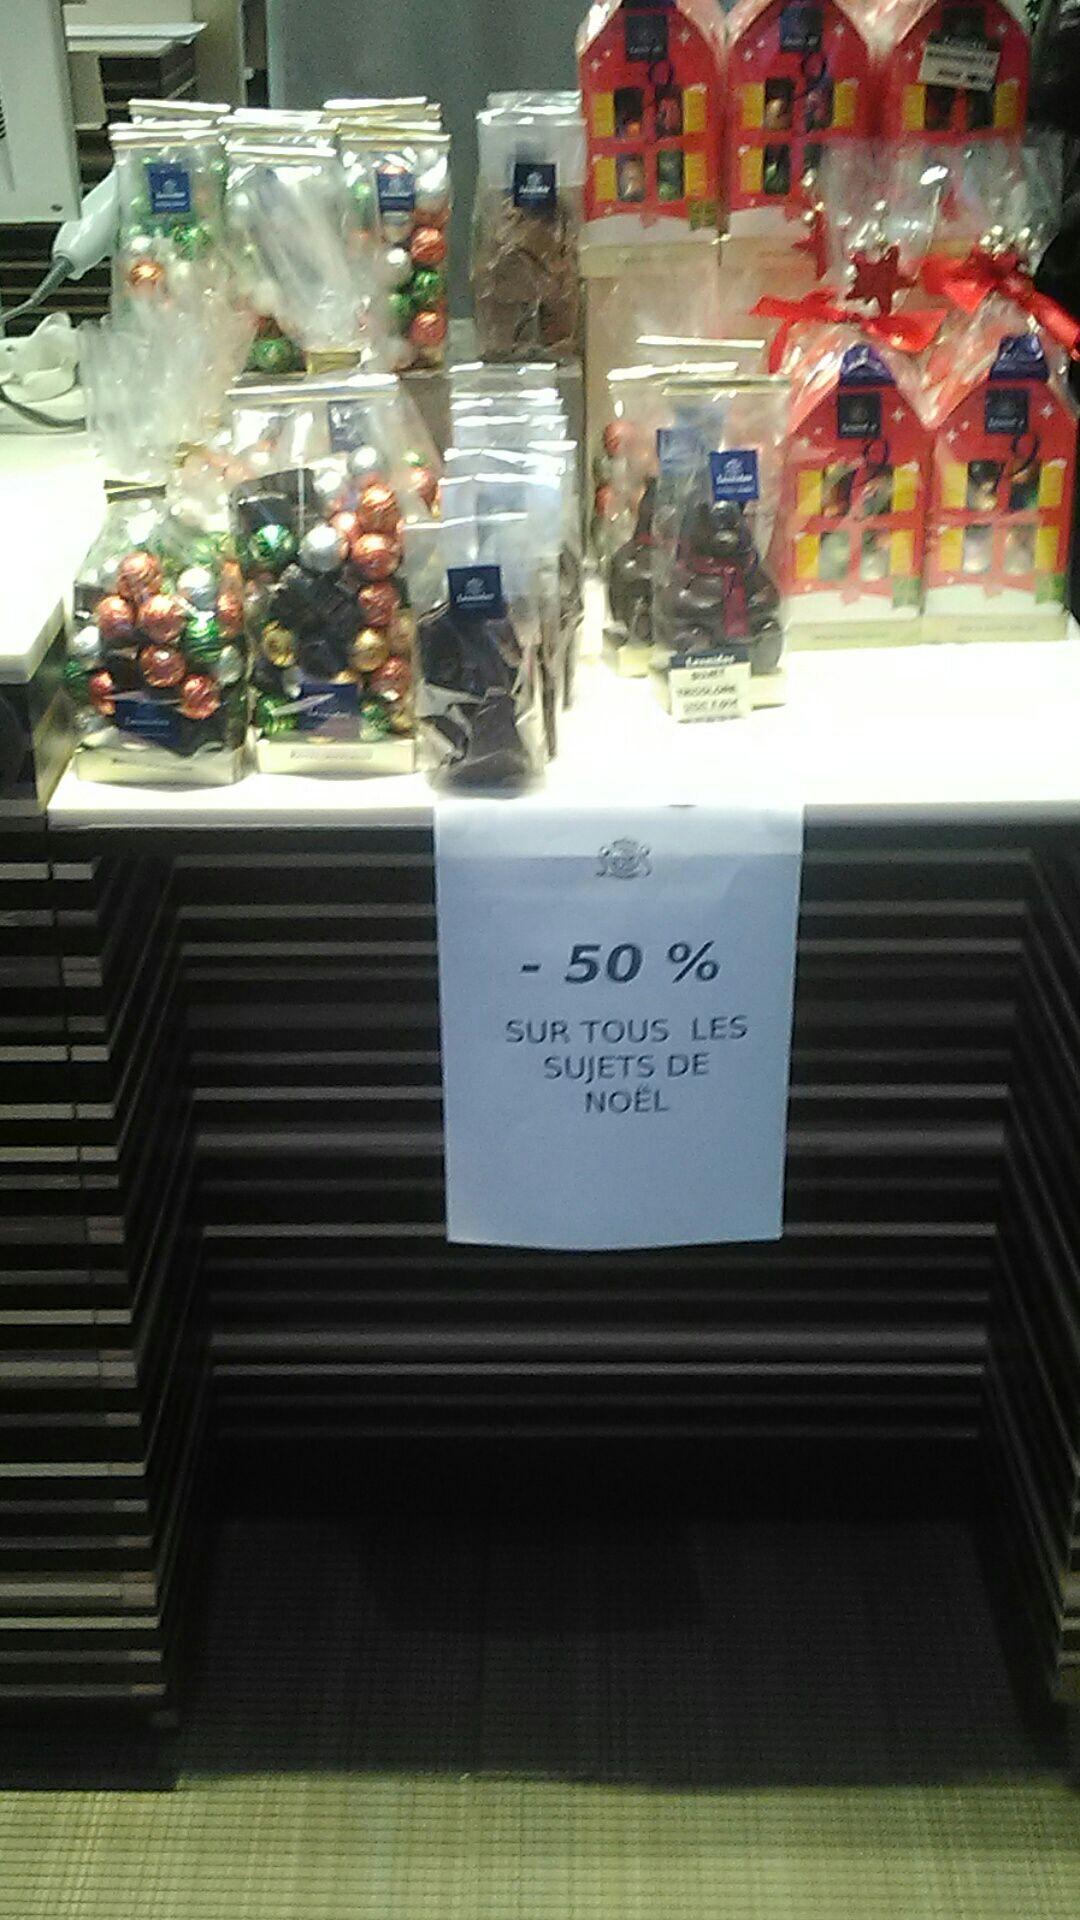 50% de réduction sur les sujets de Noël - Noyelles-Godault (62)